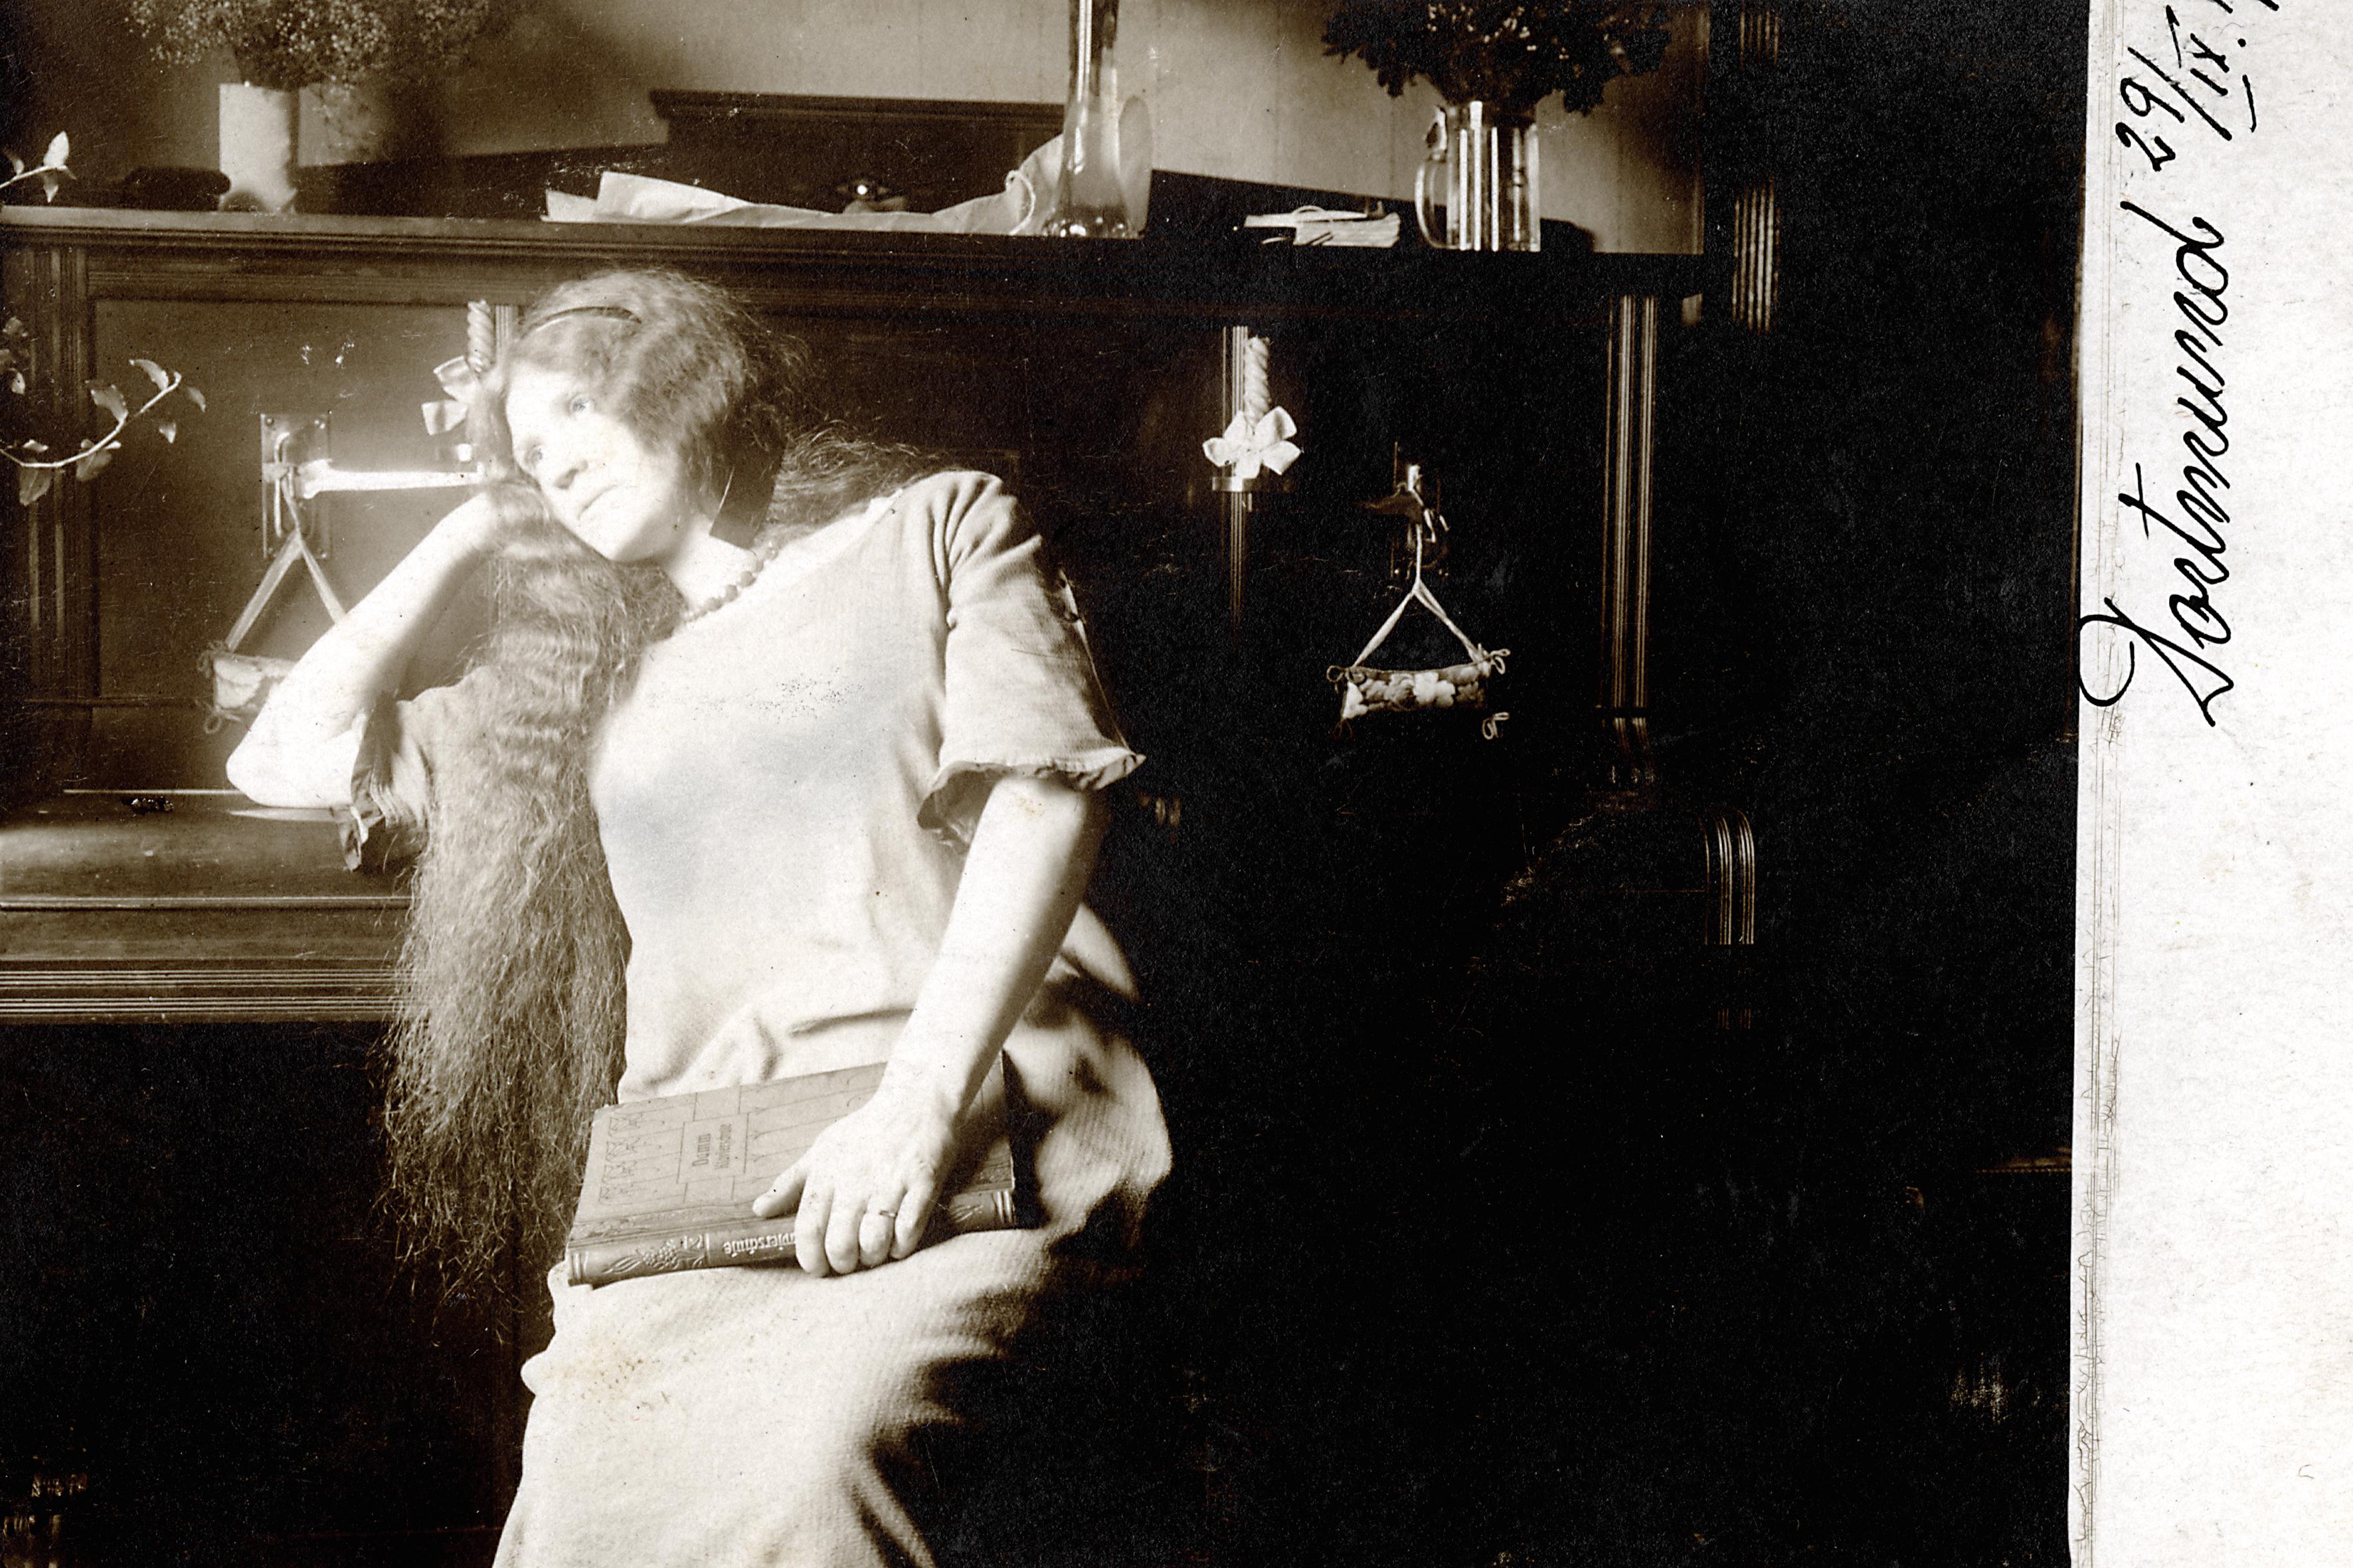 Valerie Landesmann